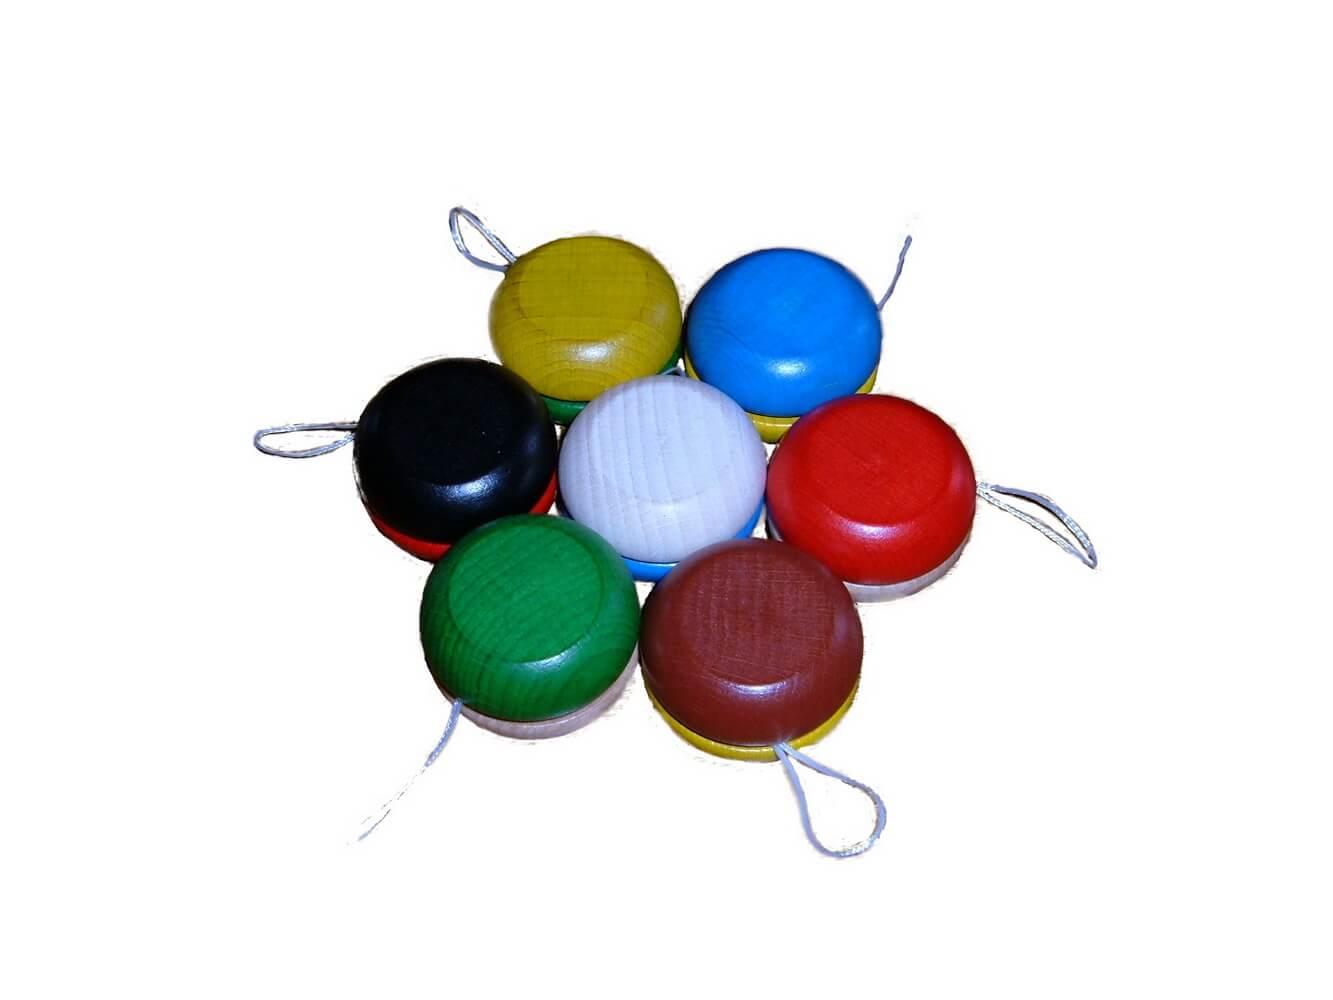 """""""Roll it"""" - Jetzt geht es rund! Diese lustigen Jo-Jos aus Holz in tollen Farben rollen um die Wette und fördern gleichzeitig die Feinmotorik. Hier ist …"""